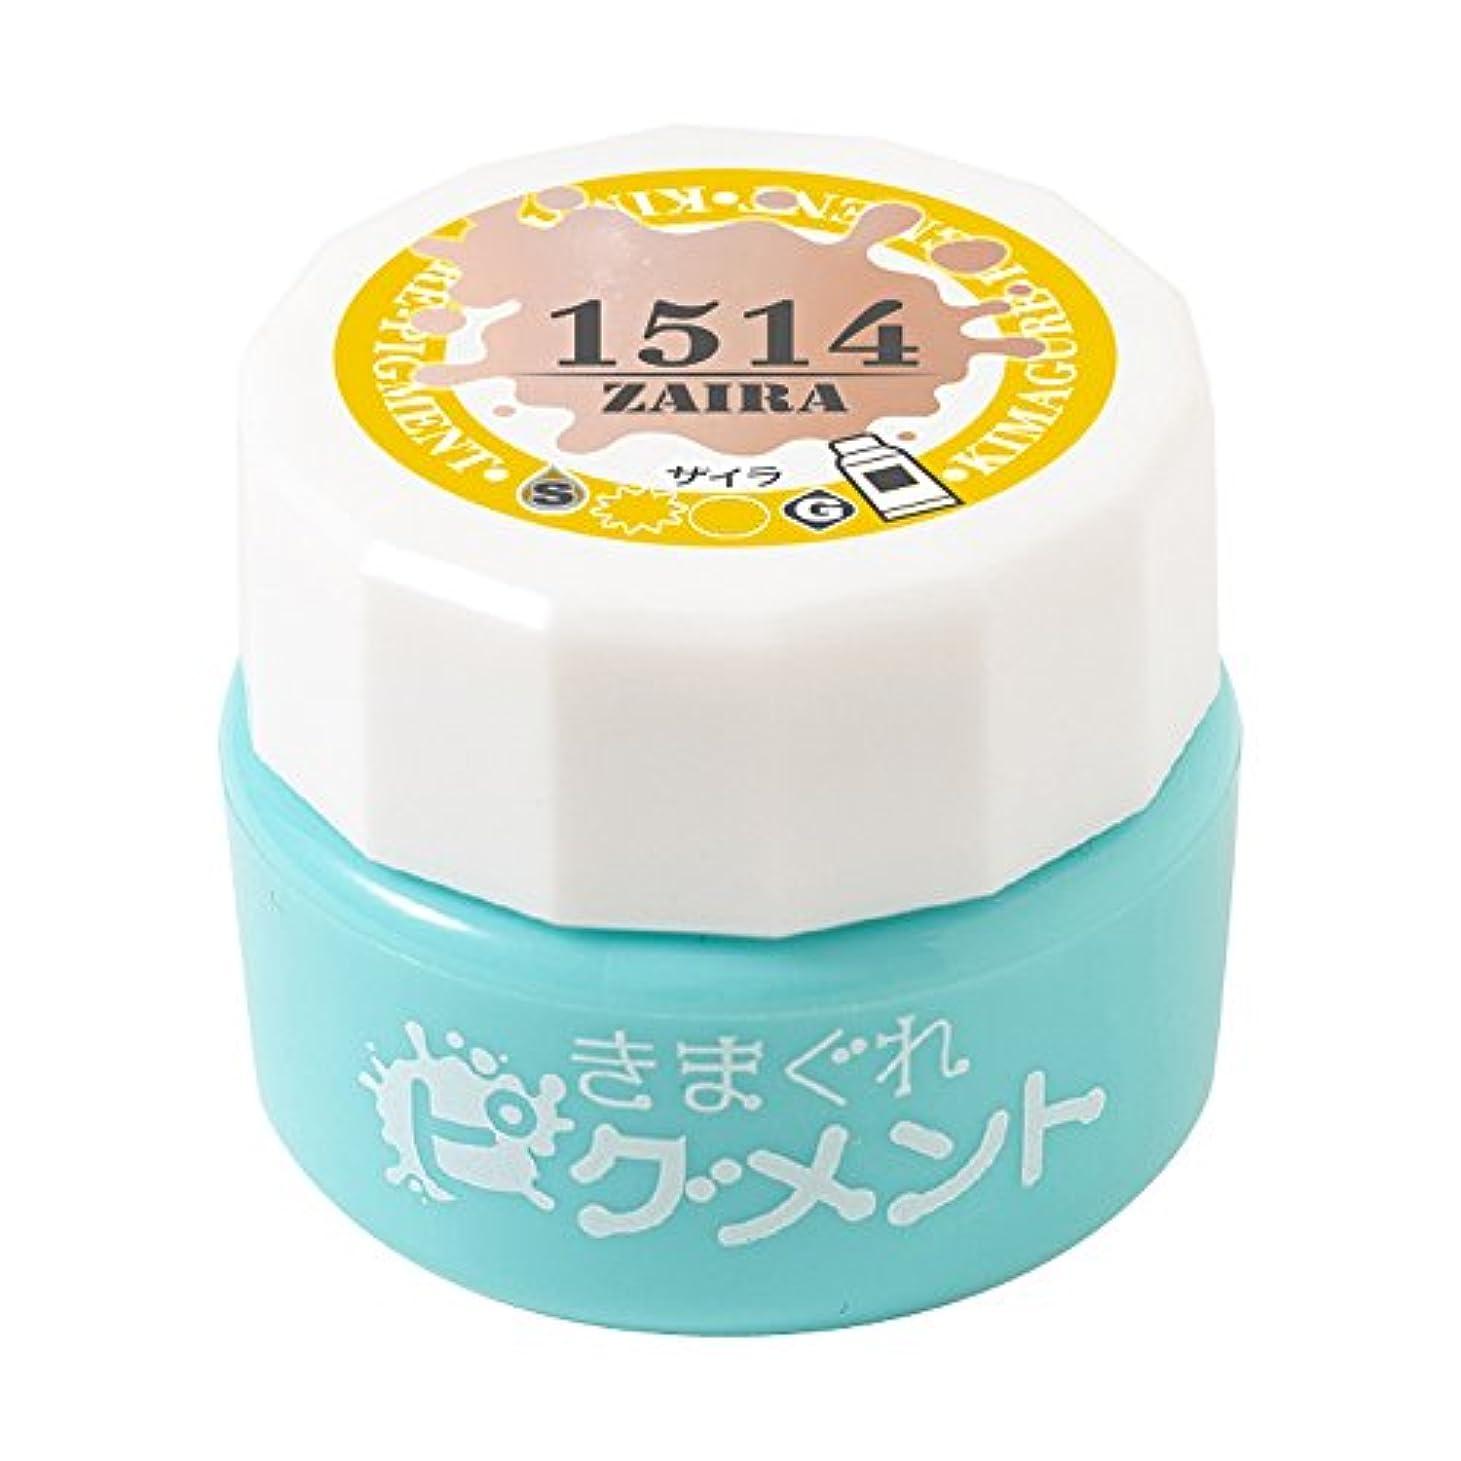 Bettygel きまぐれピグメント ザイラ QYJ-1514 4g UV/LED対応